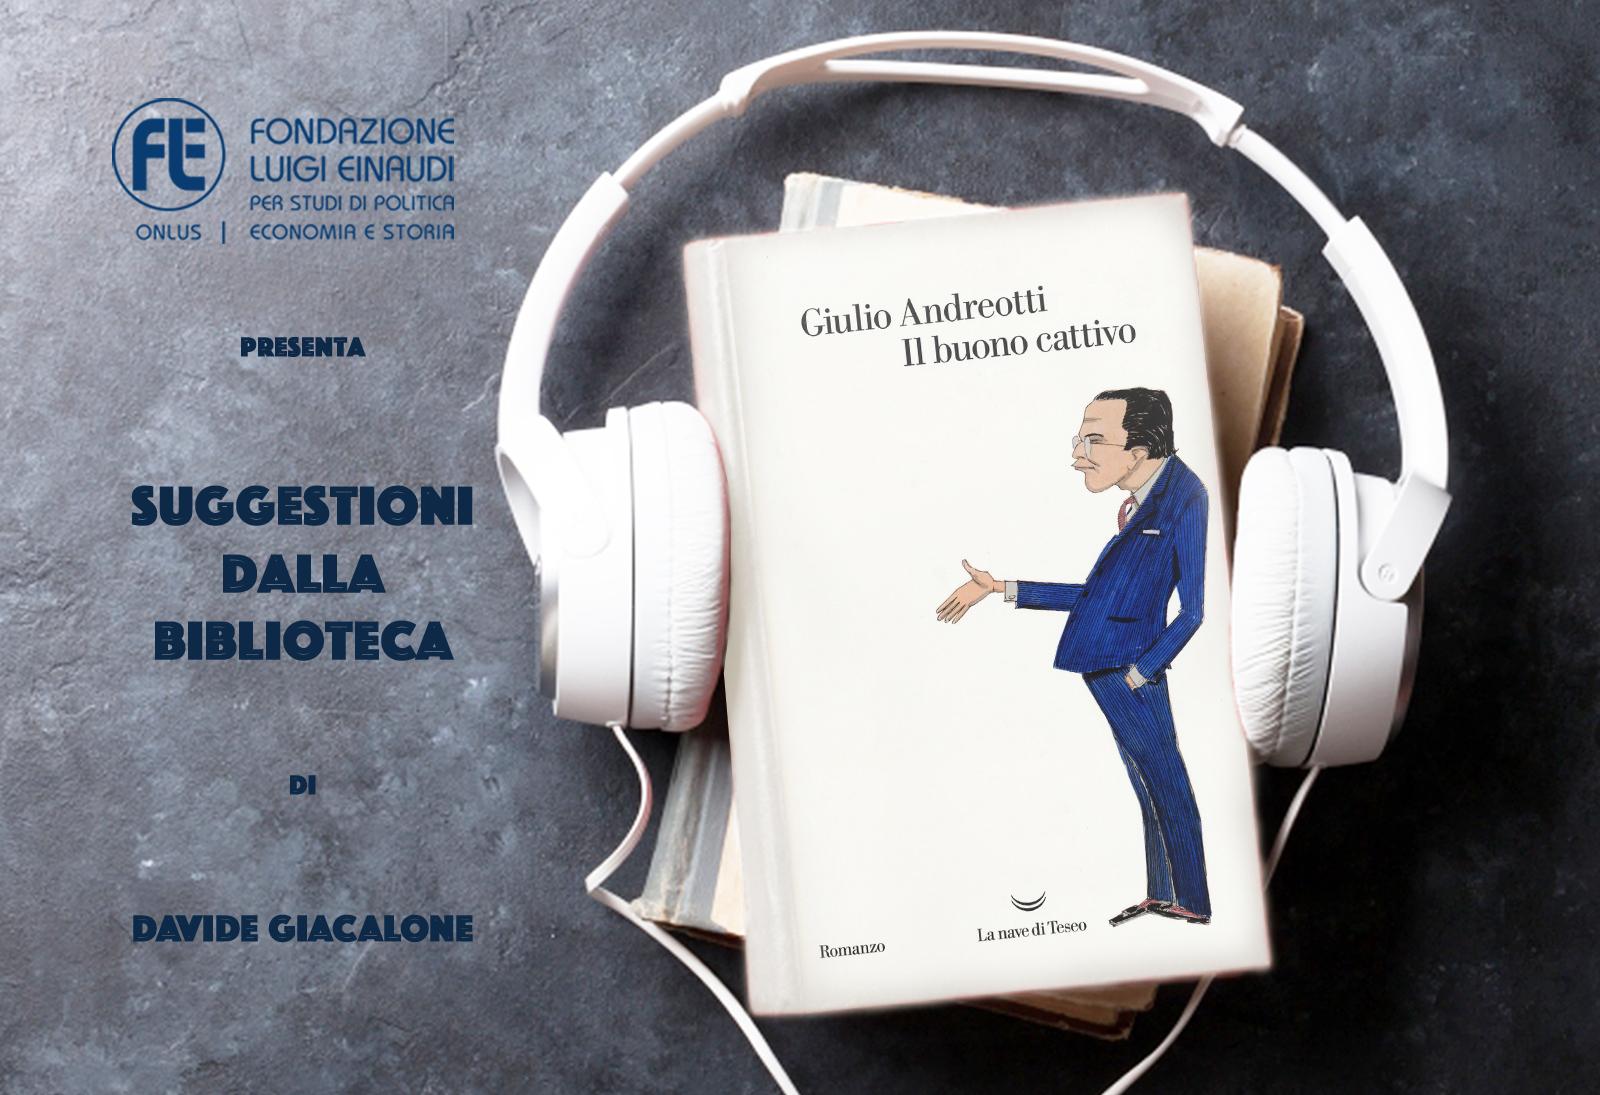 Giulio Andreotti – Il buono cattivo